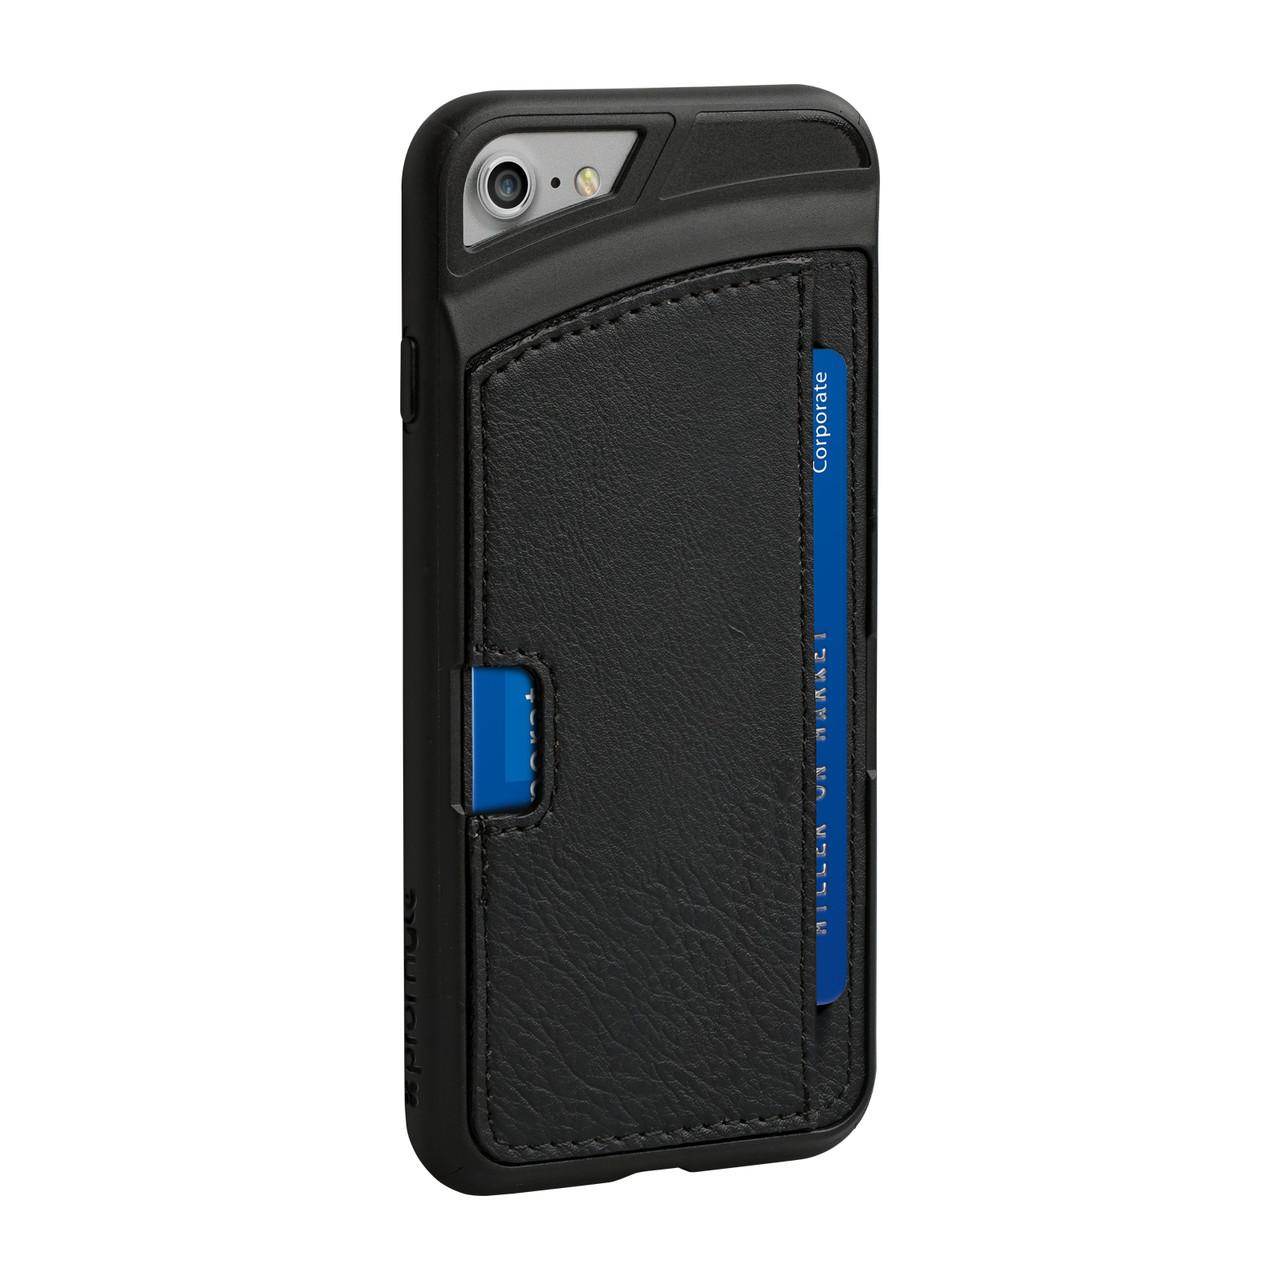 Кожаный защитный чехол для iPhone 7 Promate Wallet-X Black